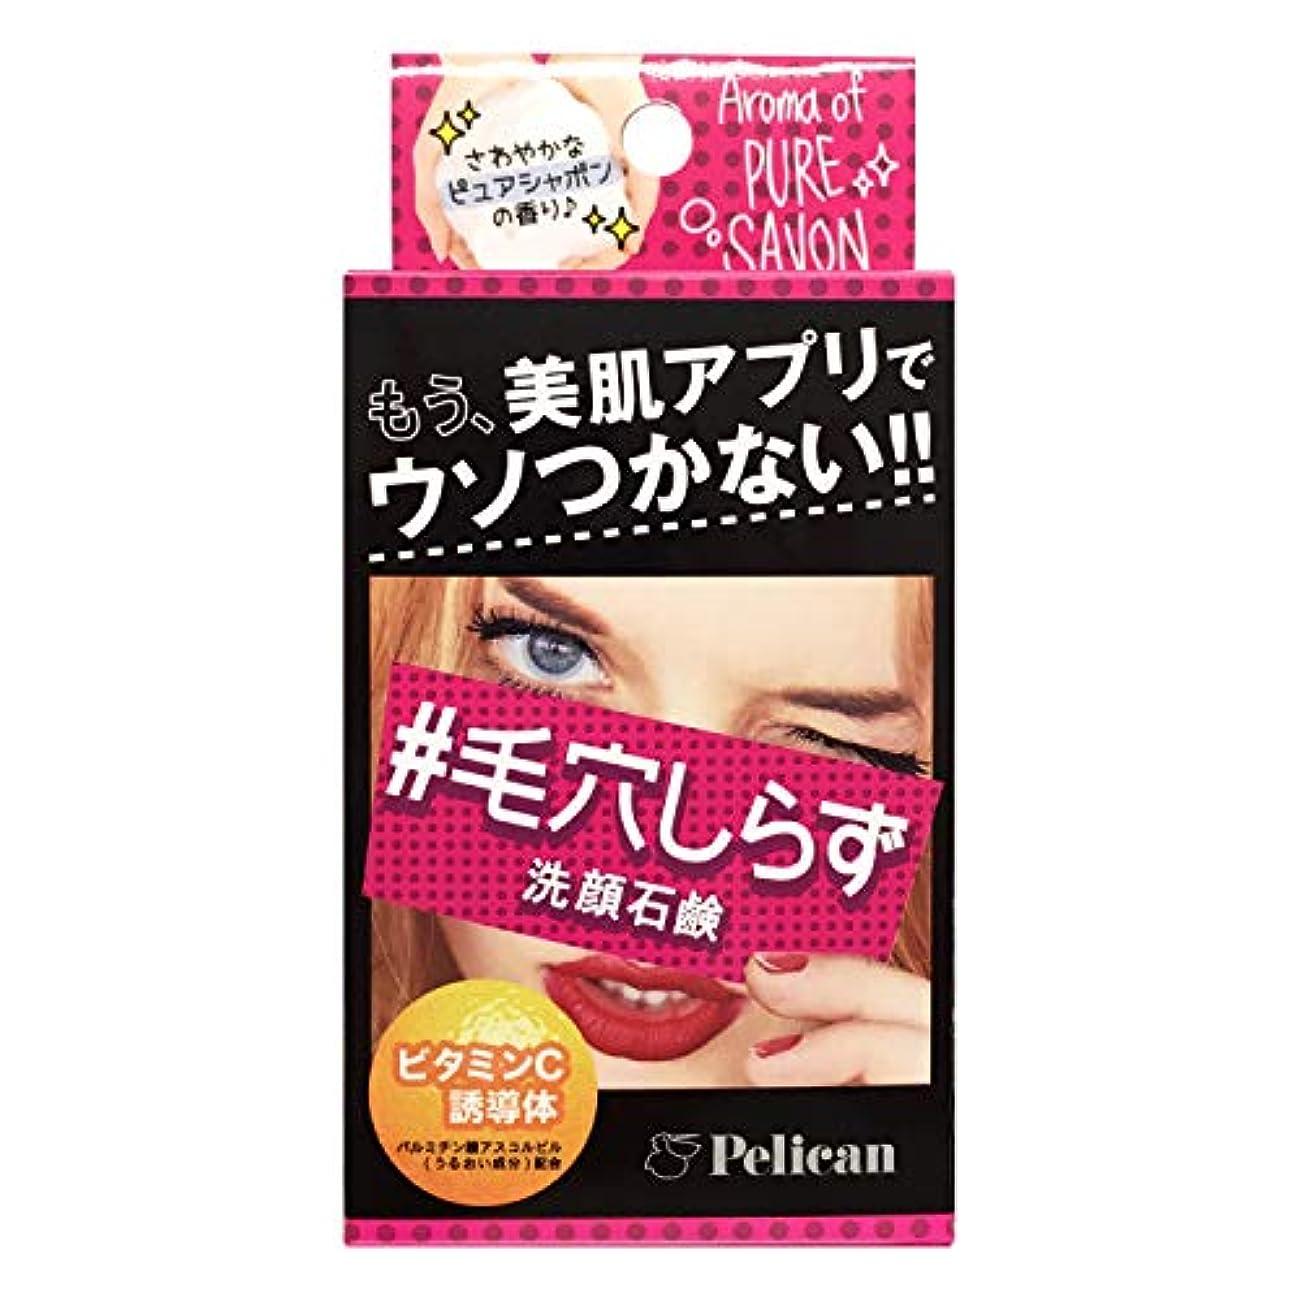 やさしく吸い込む青ペリカン石鹸 毛穴しらず洗顔石鹸 75g